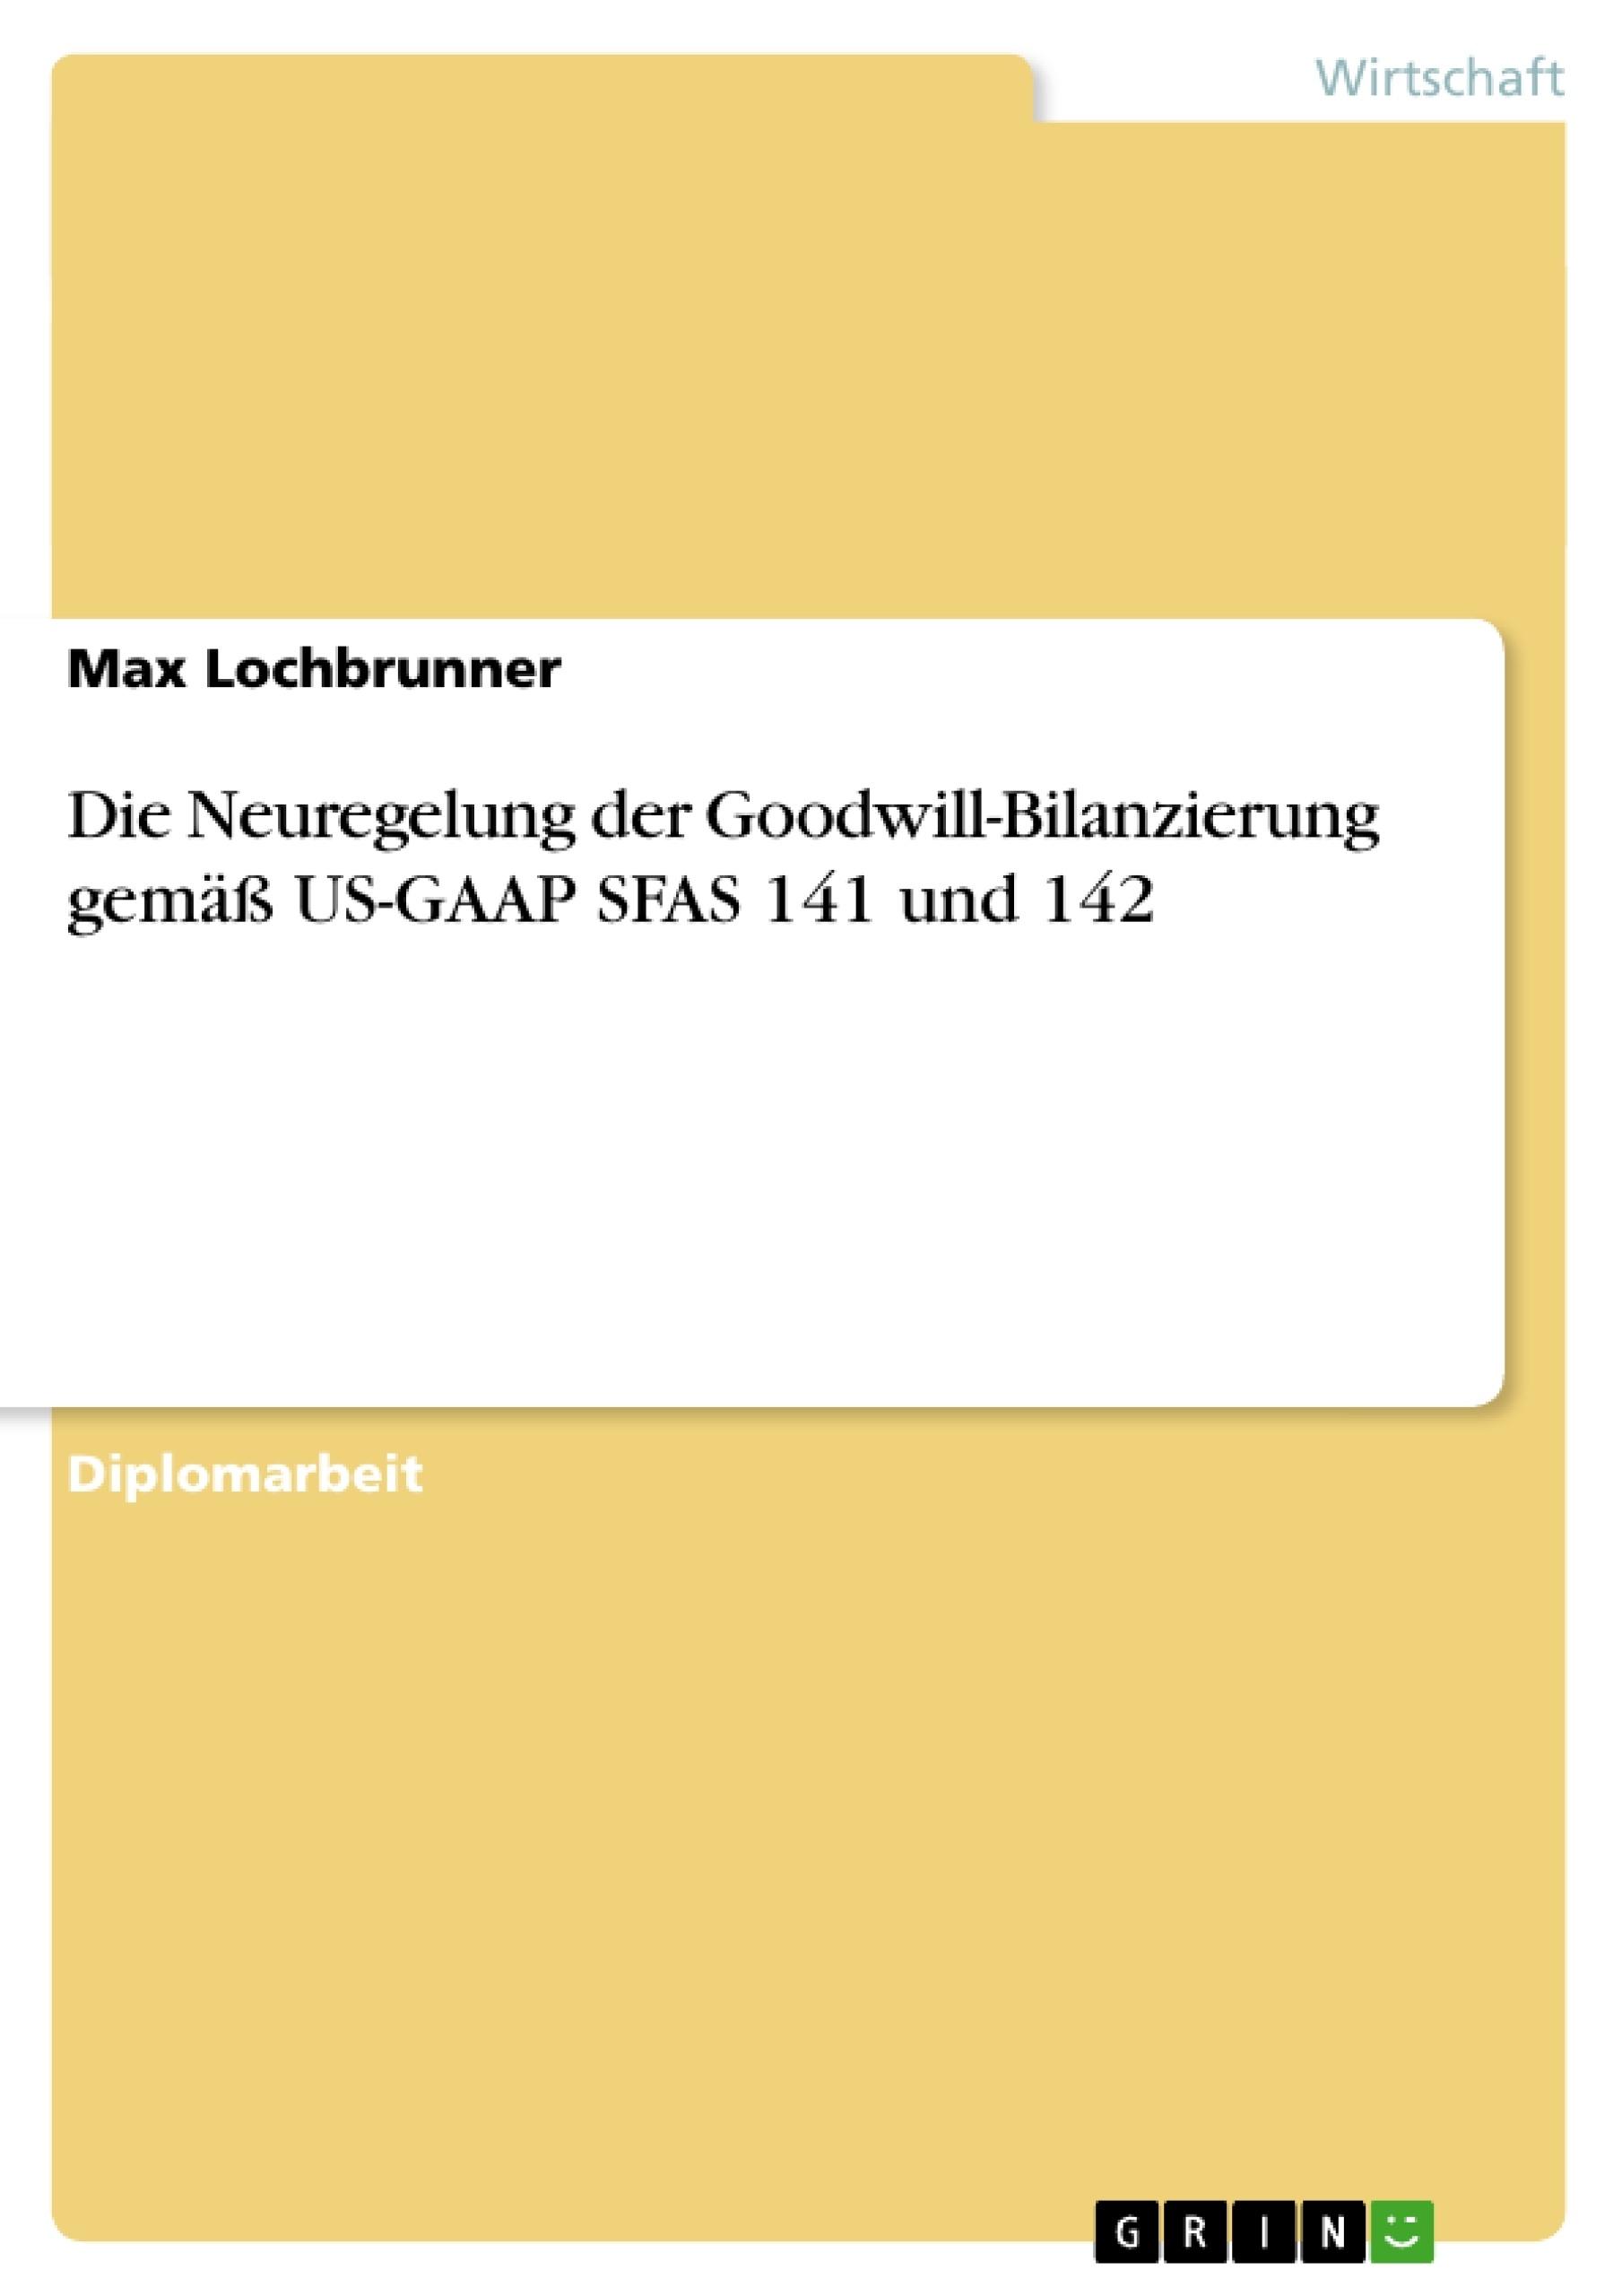 Titel: Die Neuregelung der Goodwill-Bilanzierung gemäß US-GAAP SFAS 141 und 142